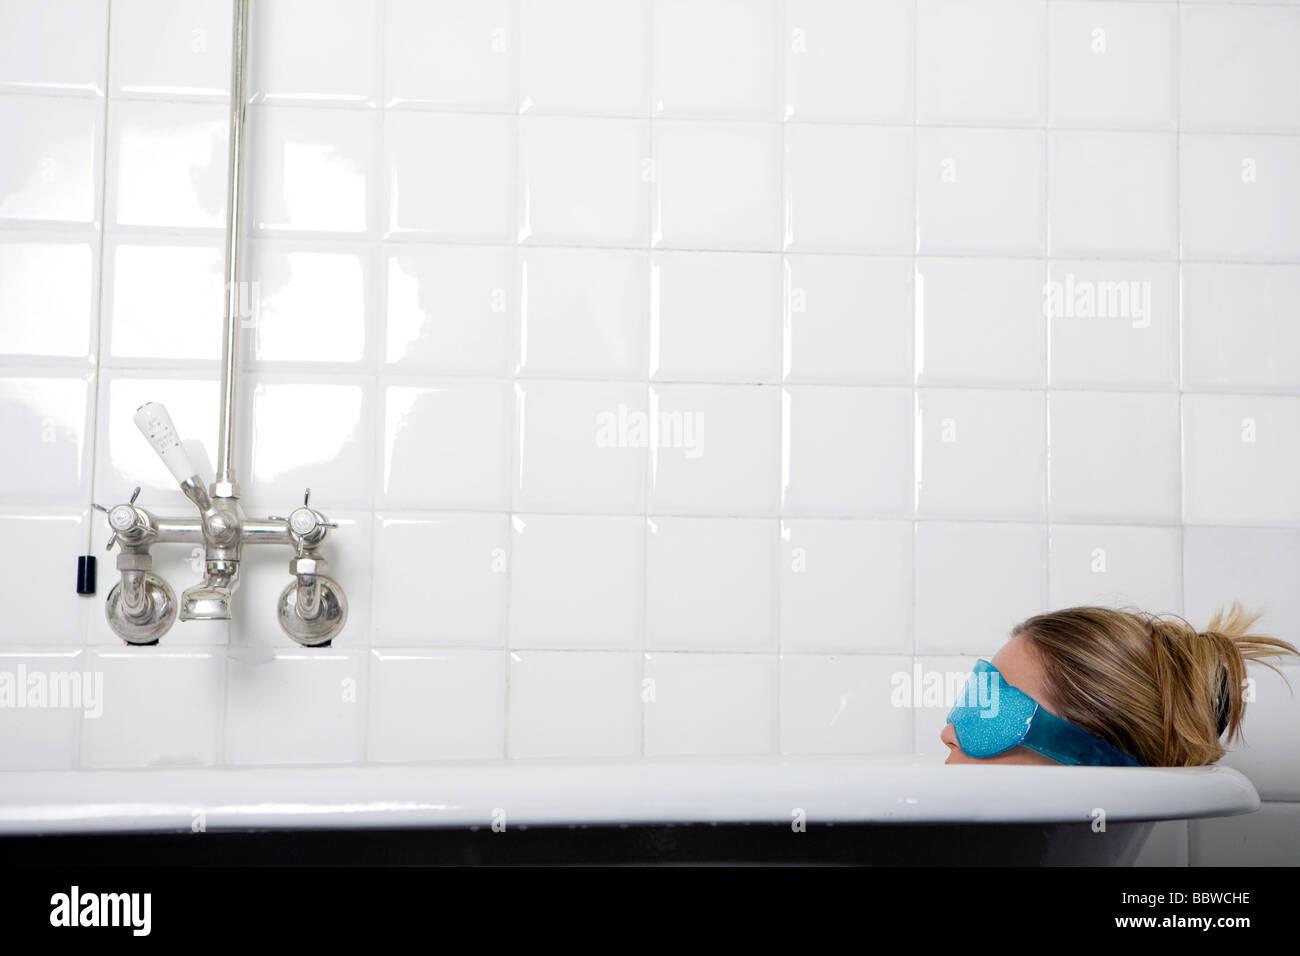 Giovane donna in vasca di indossare una mascherina per gli occhi Immagini Stock